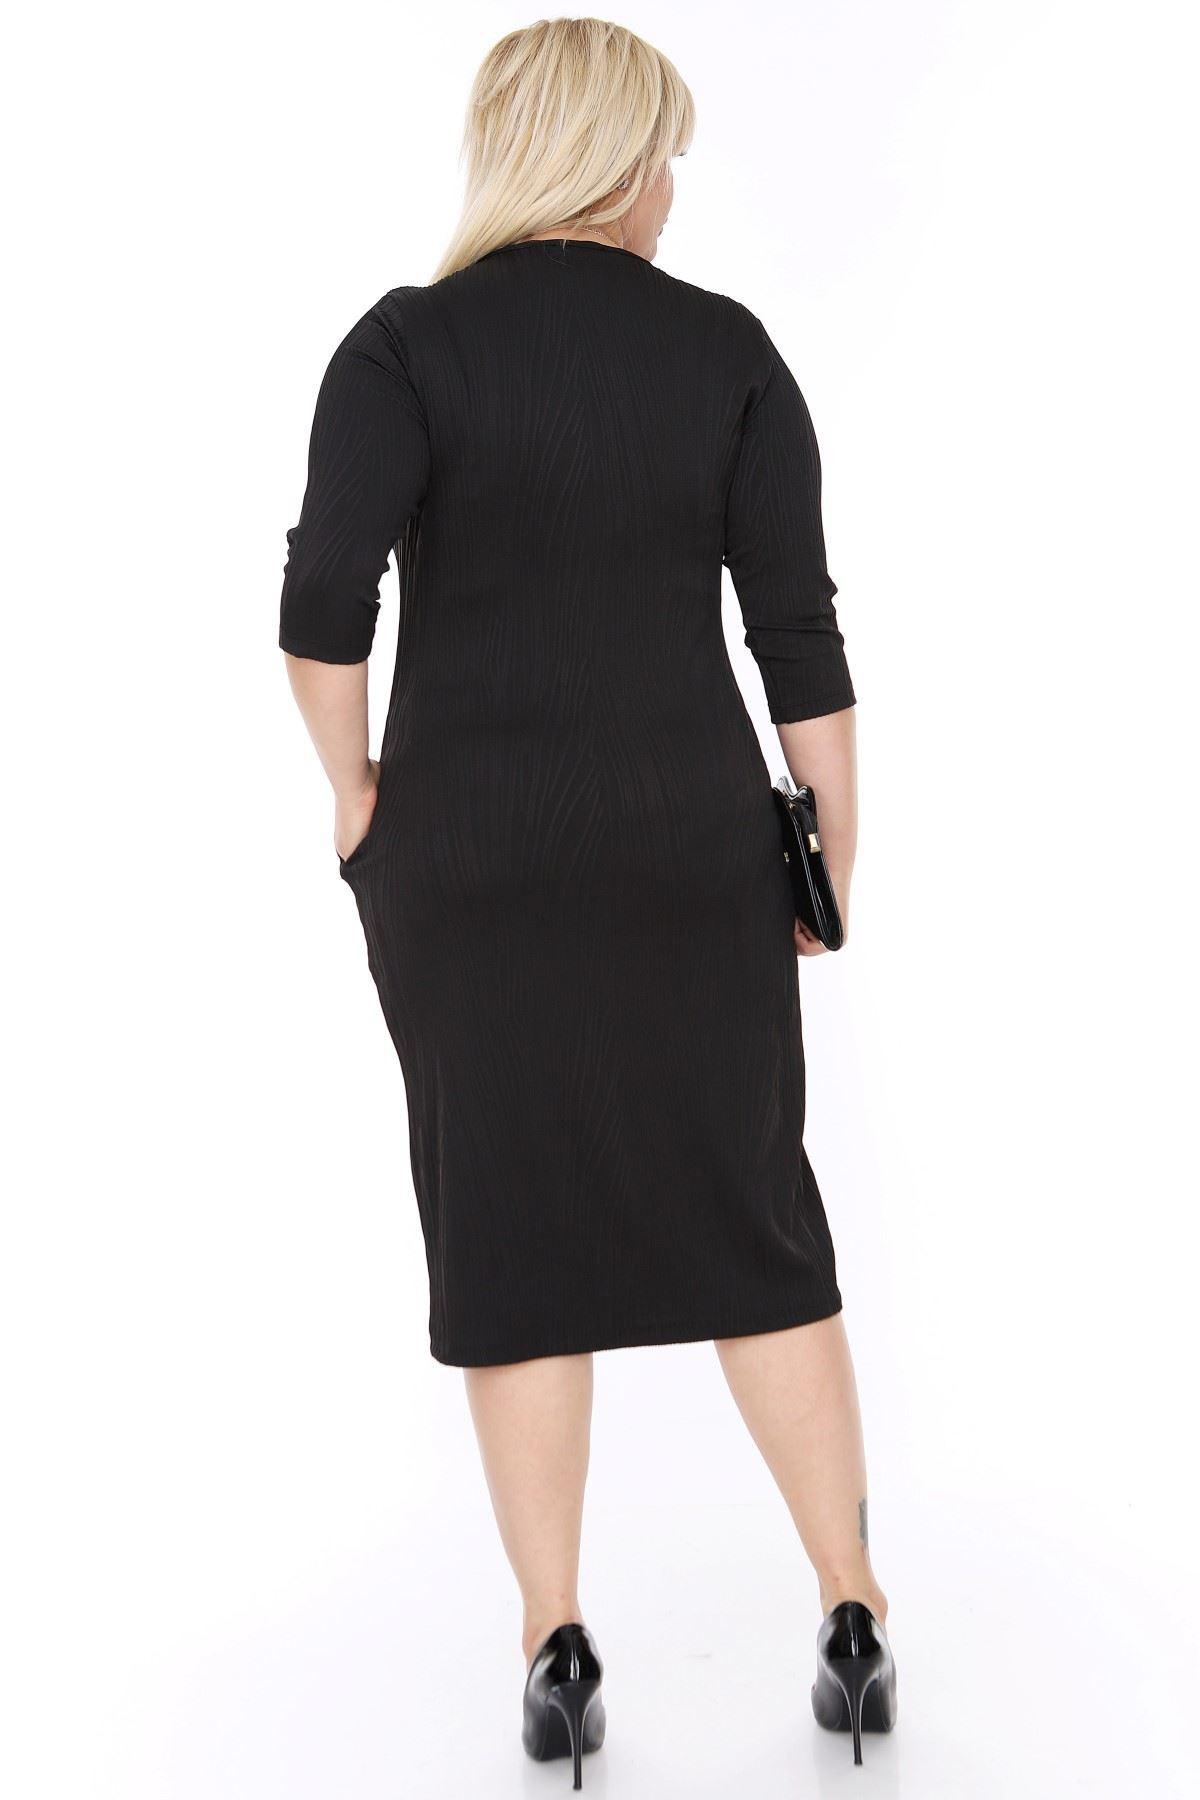 Siyah Cepli Esnek Elbise 18D-0430